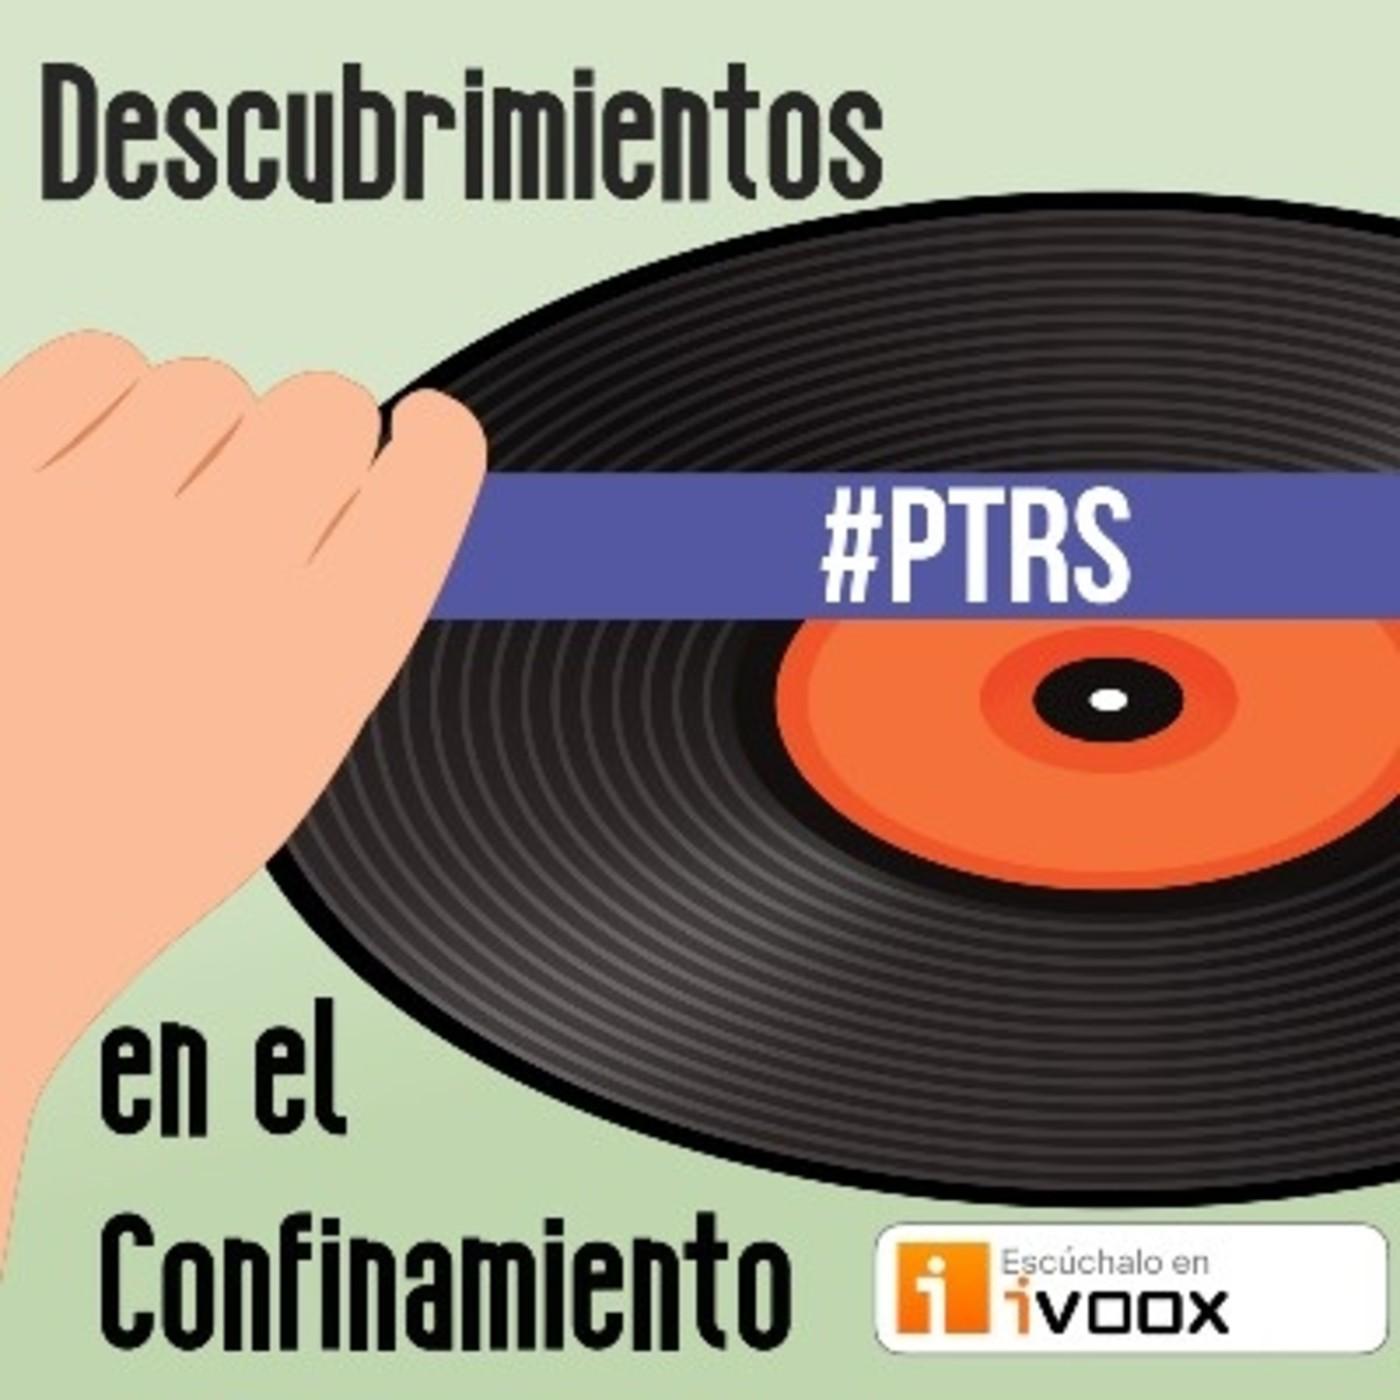 PTRS 20x04: Descubrimientos en el confinamiento